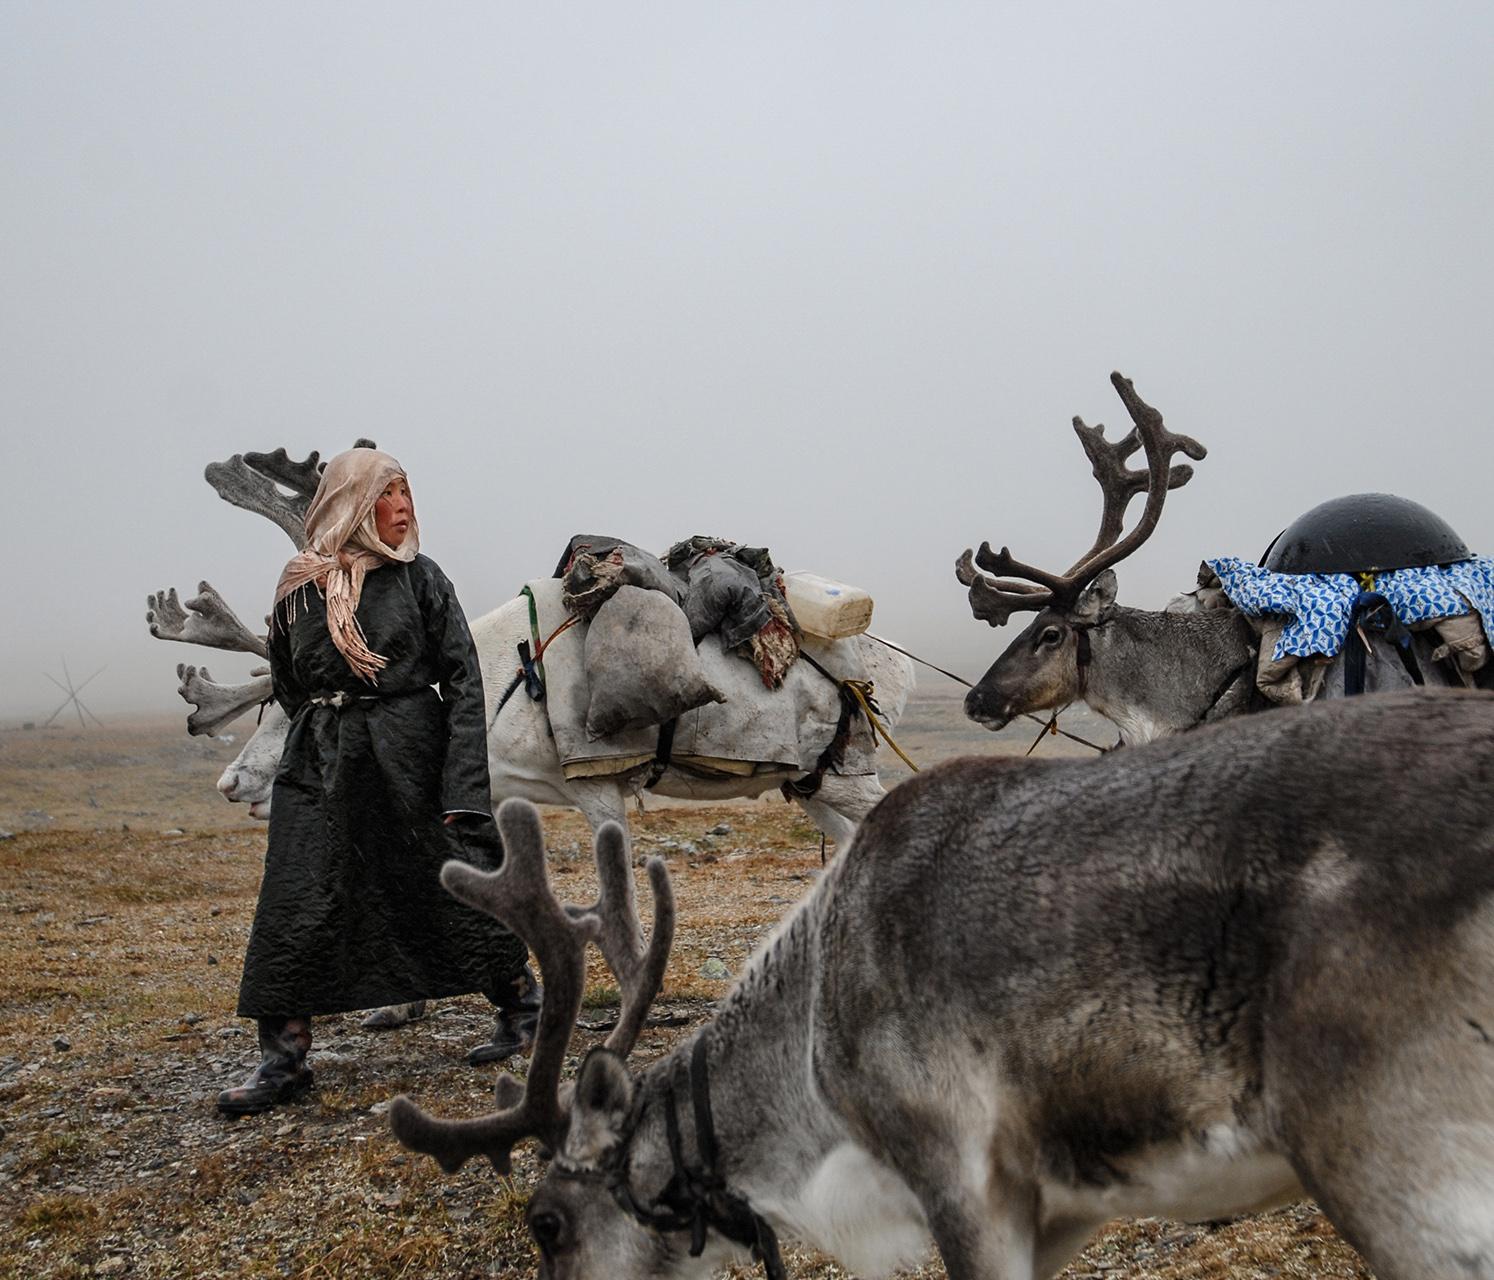 Michał woroch zdjęcie z wyprawy do Mongolii